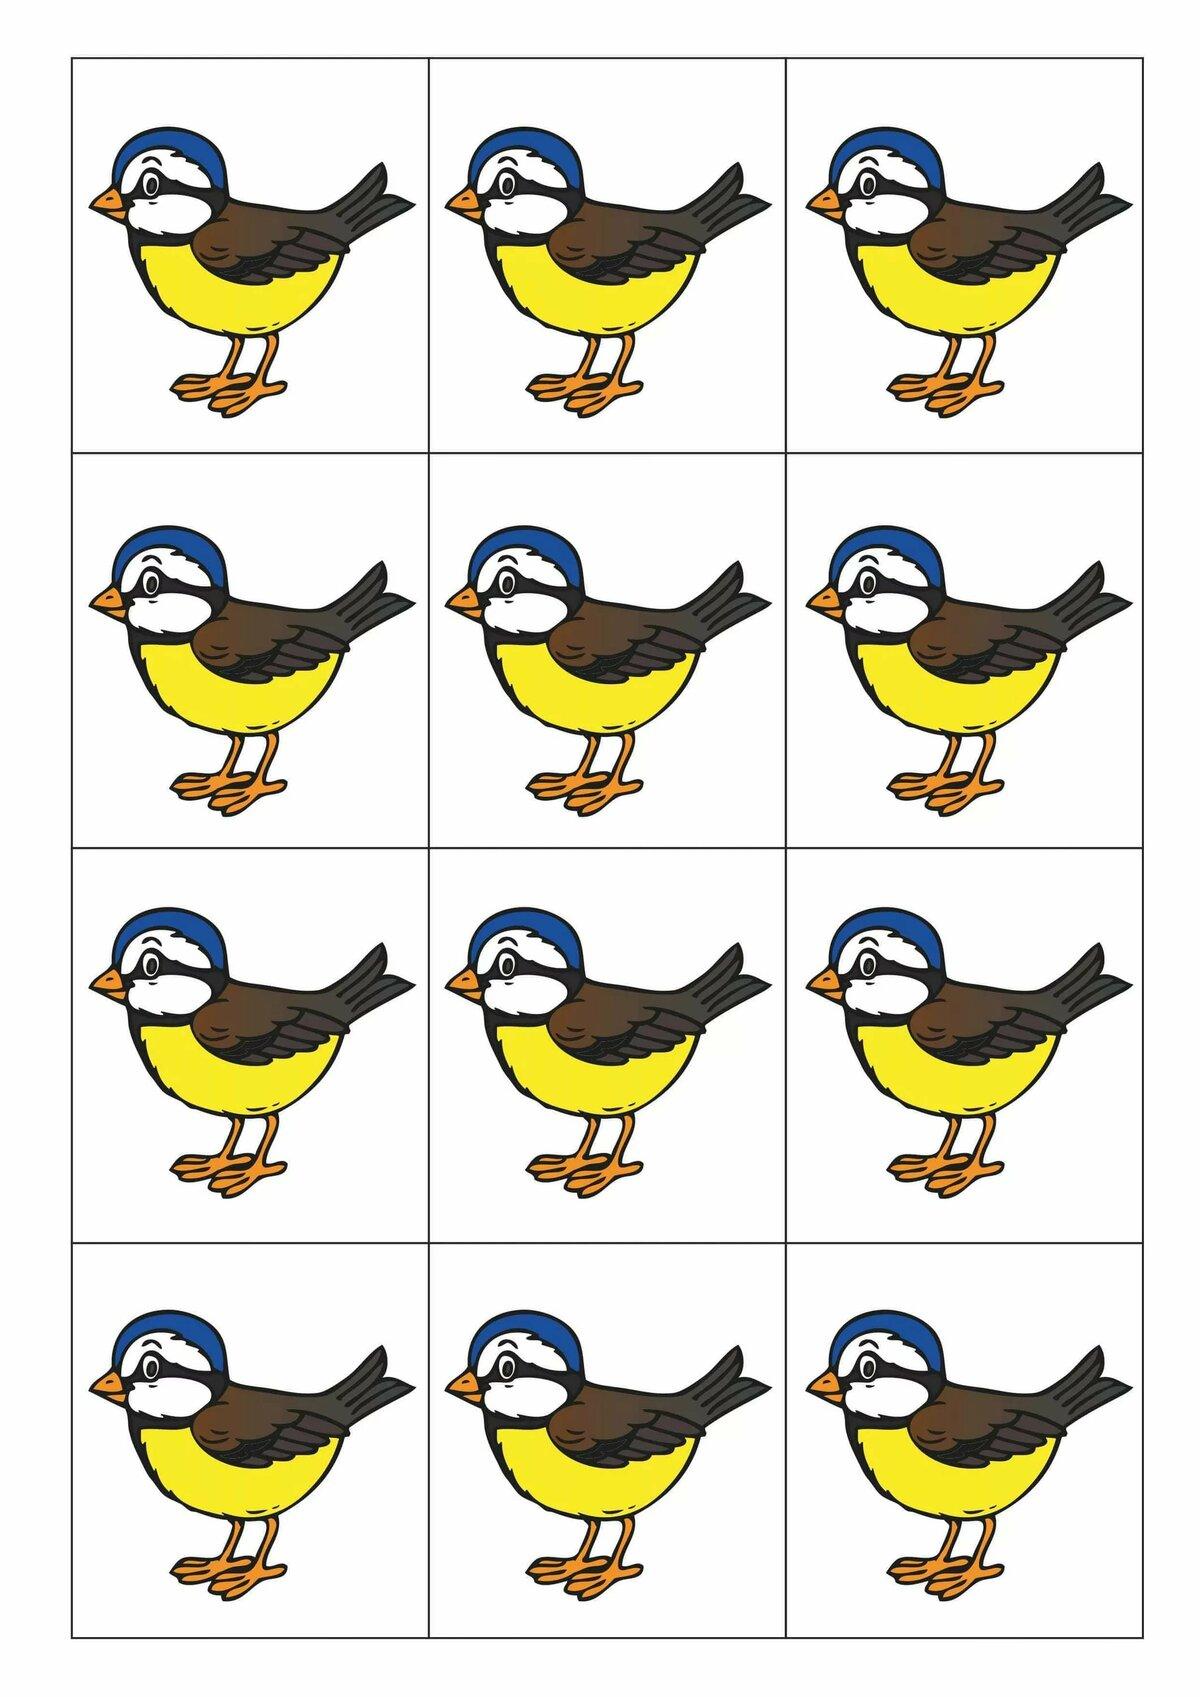 птицы демонстрационный материал истории убийств